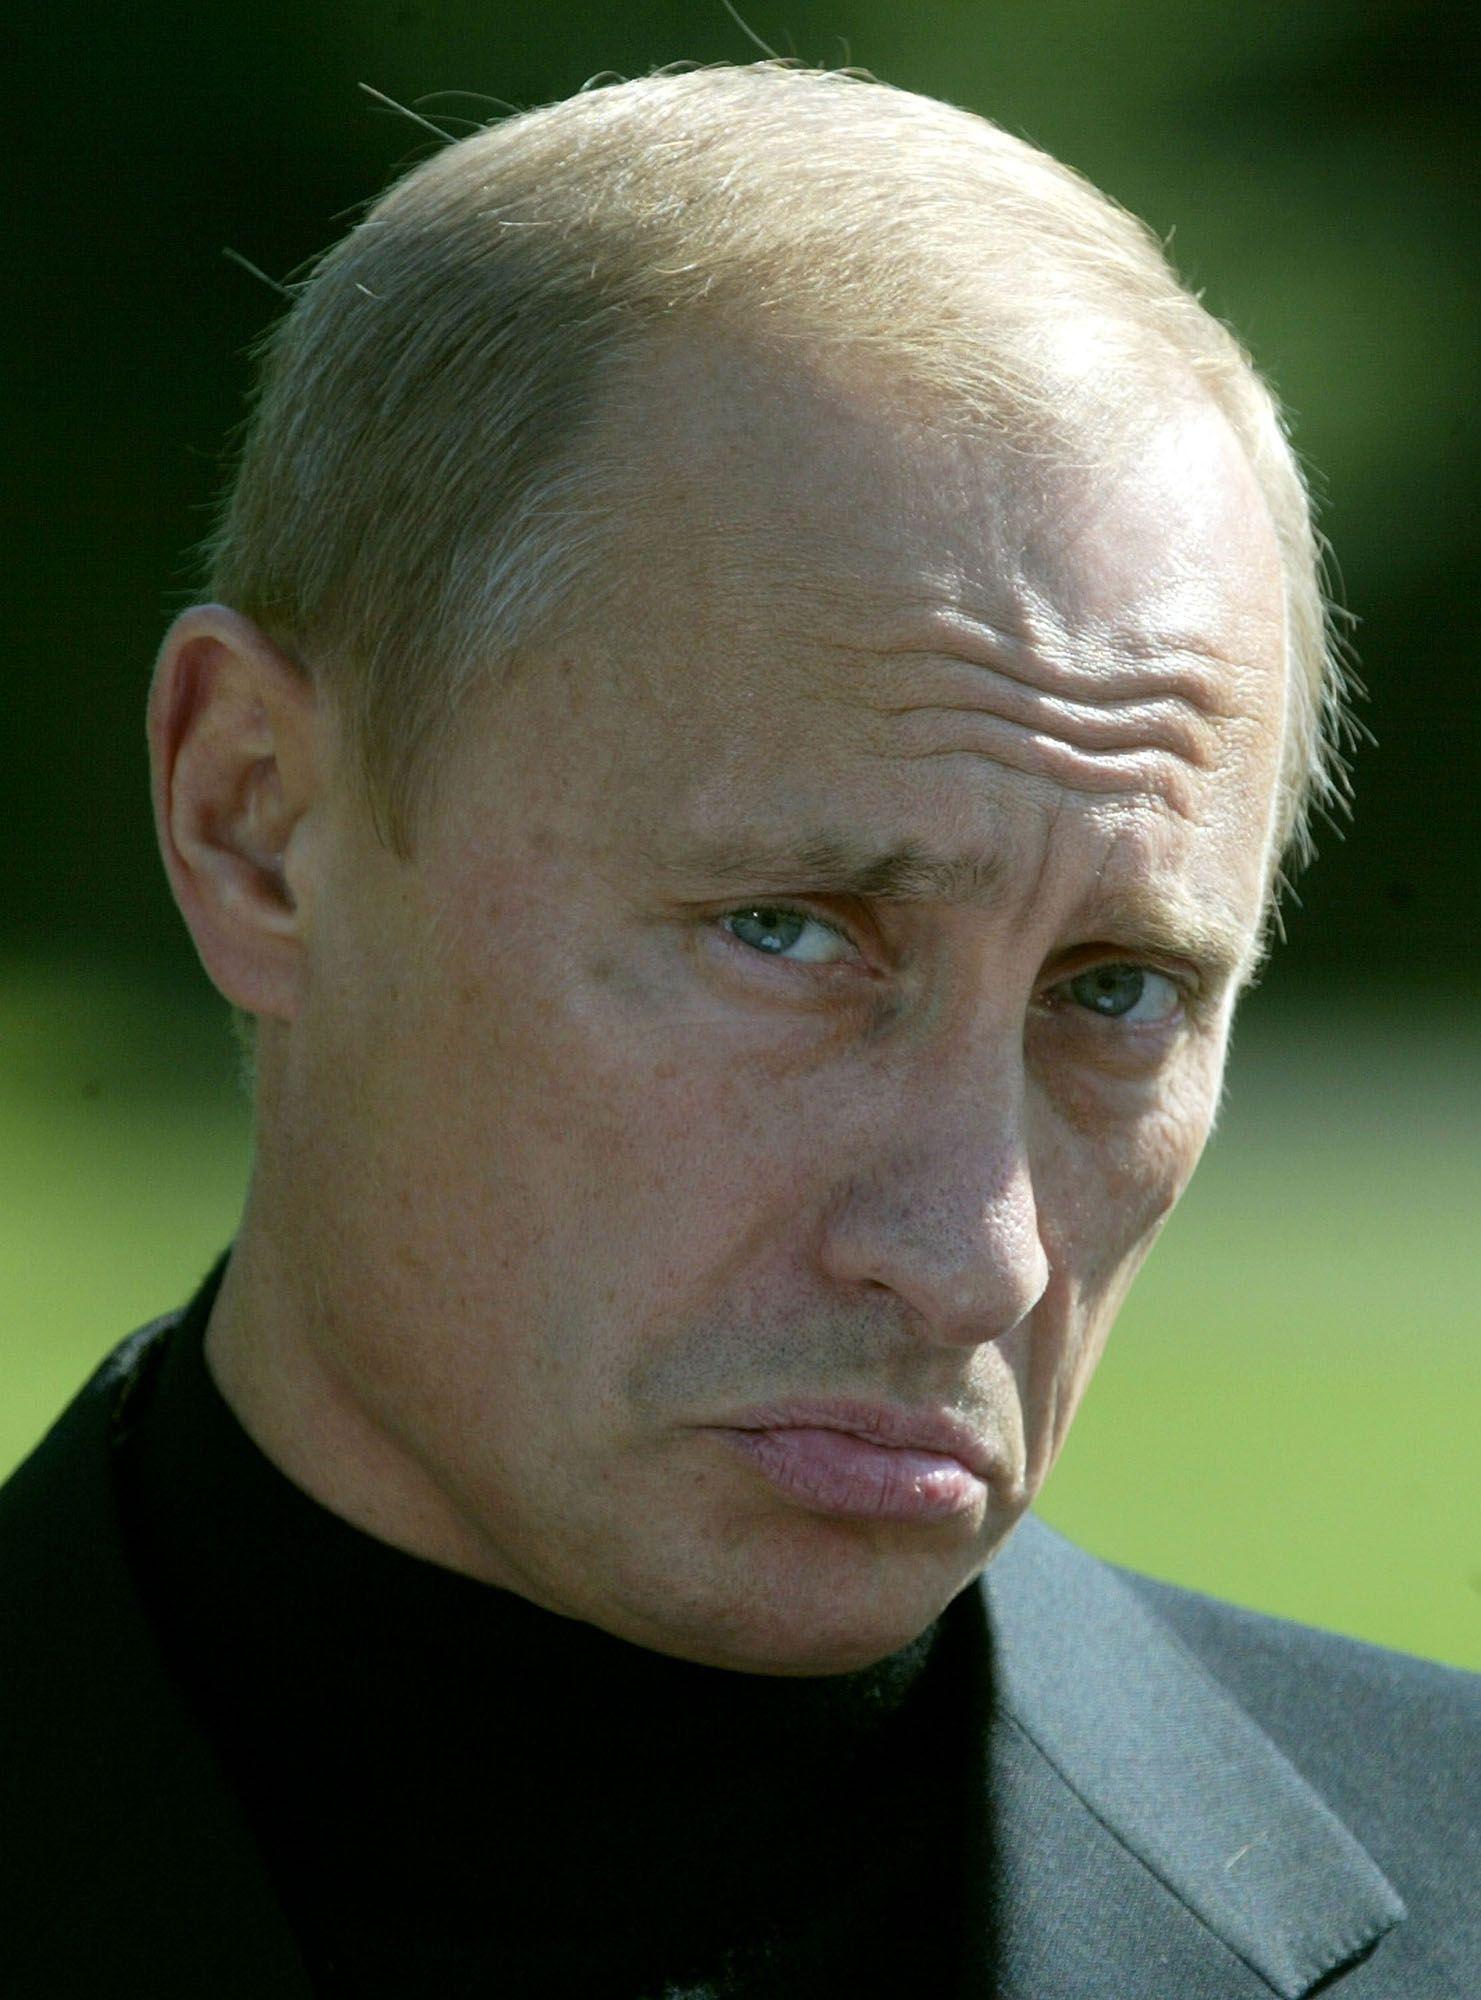 27 септември 2003 г. - Владимир Путин на съвместен брифинг с Джордж Буш в Кемп Дейвид, Мериленд.